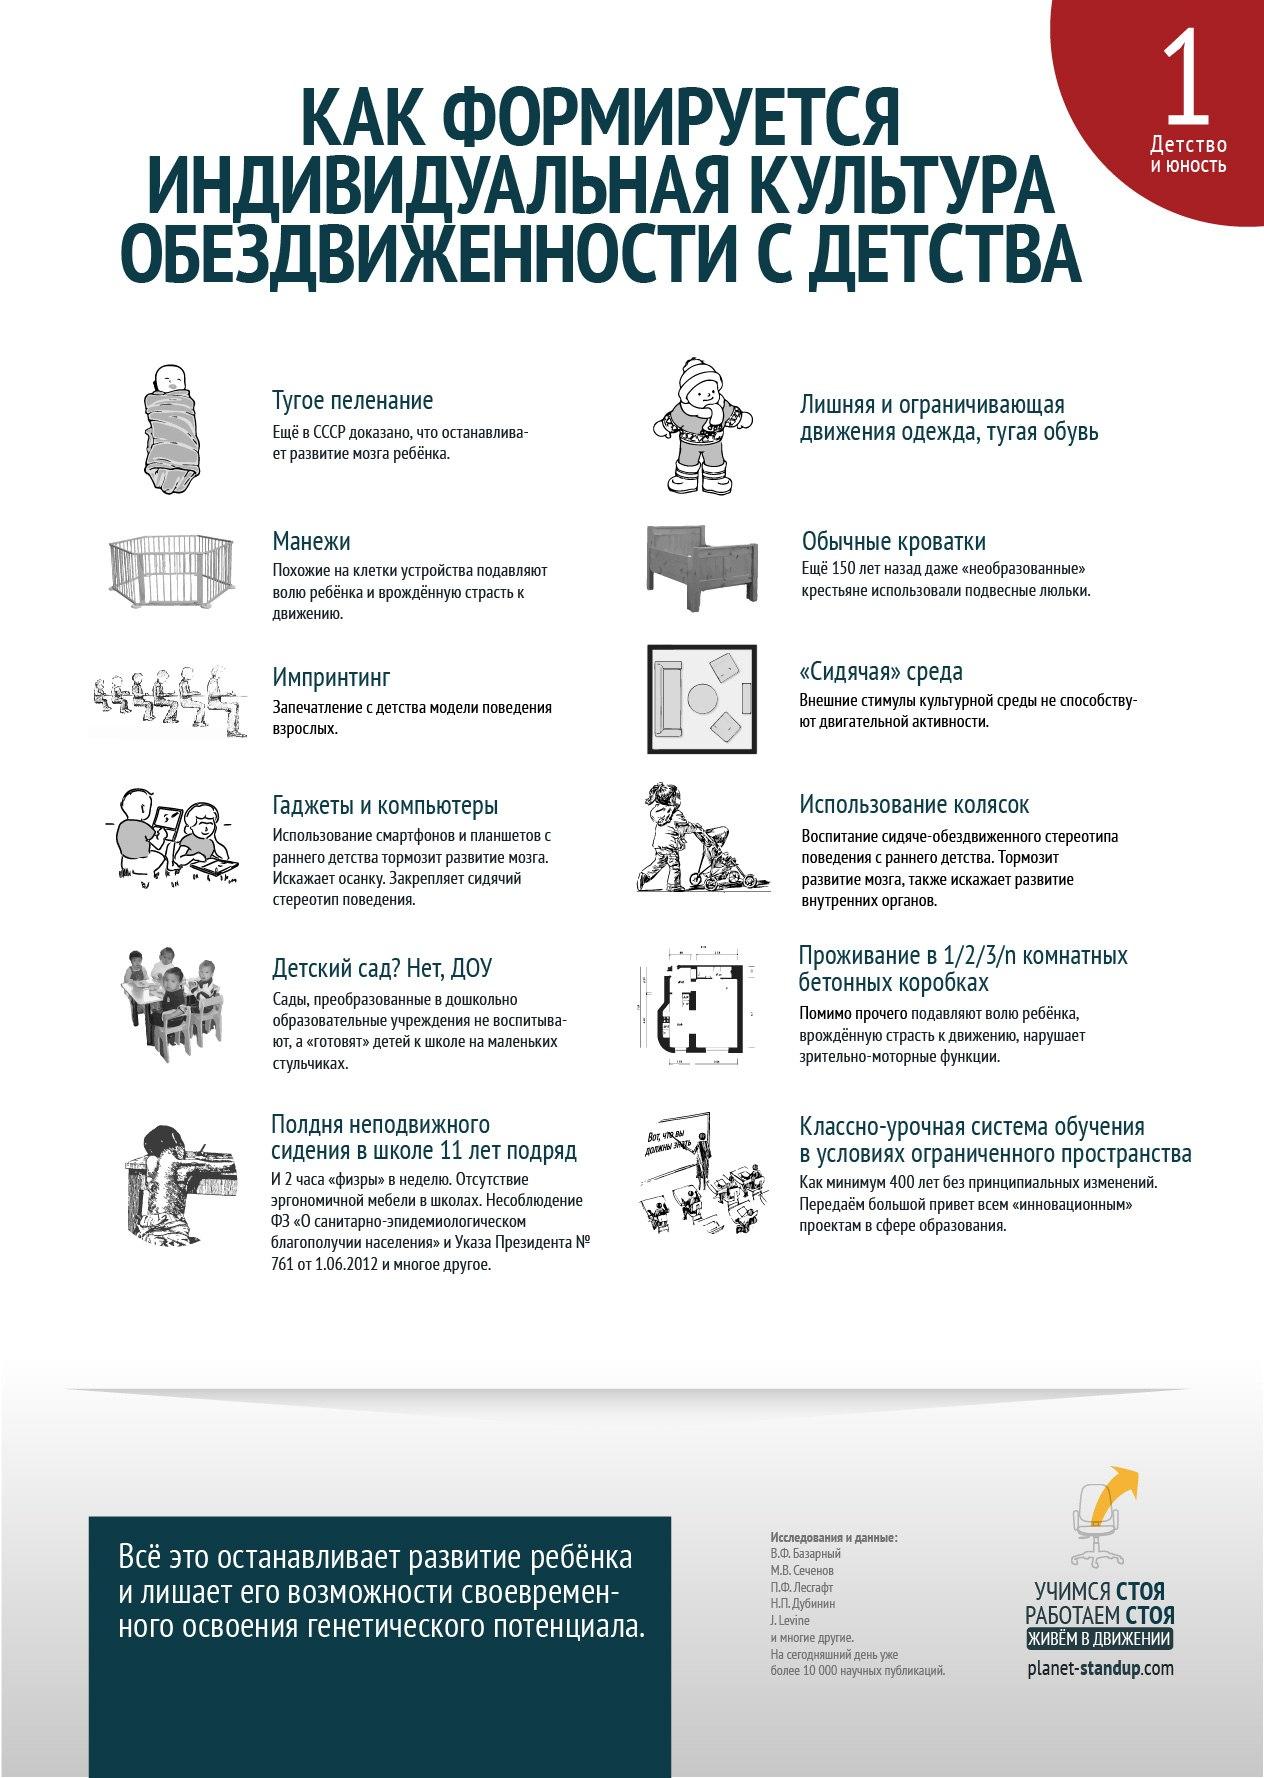 64KK6FzaXb8 - СветВМир.ру | Познавательный журнал! - Как формируется индивидуальная культура обездвиженности с детства (картинка)